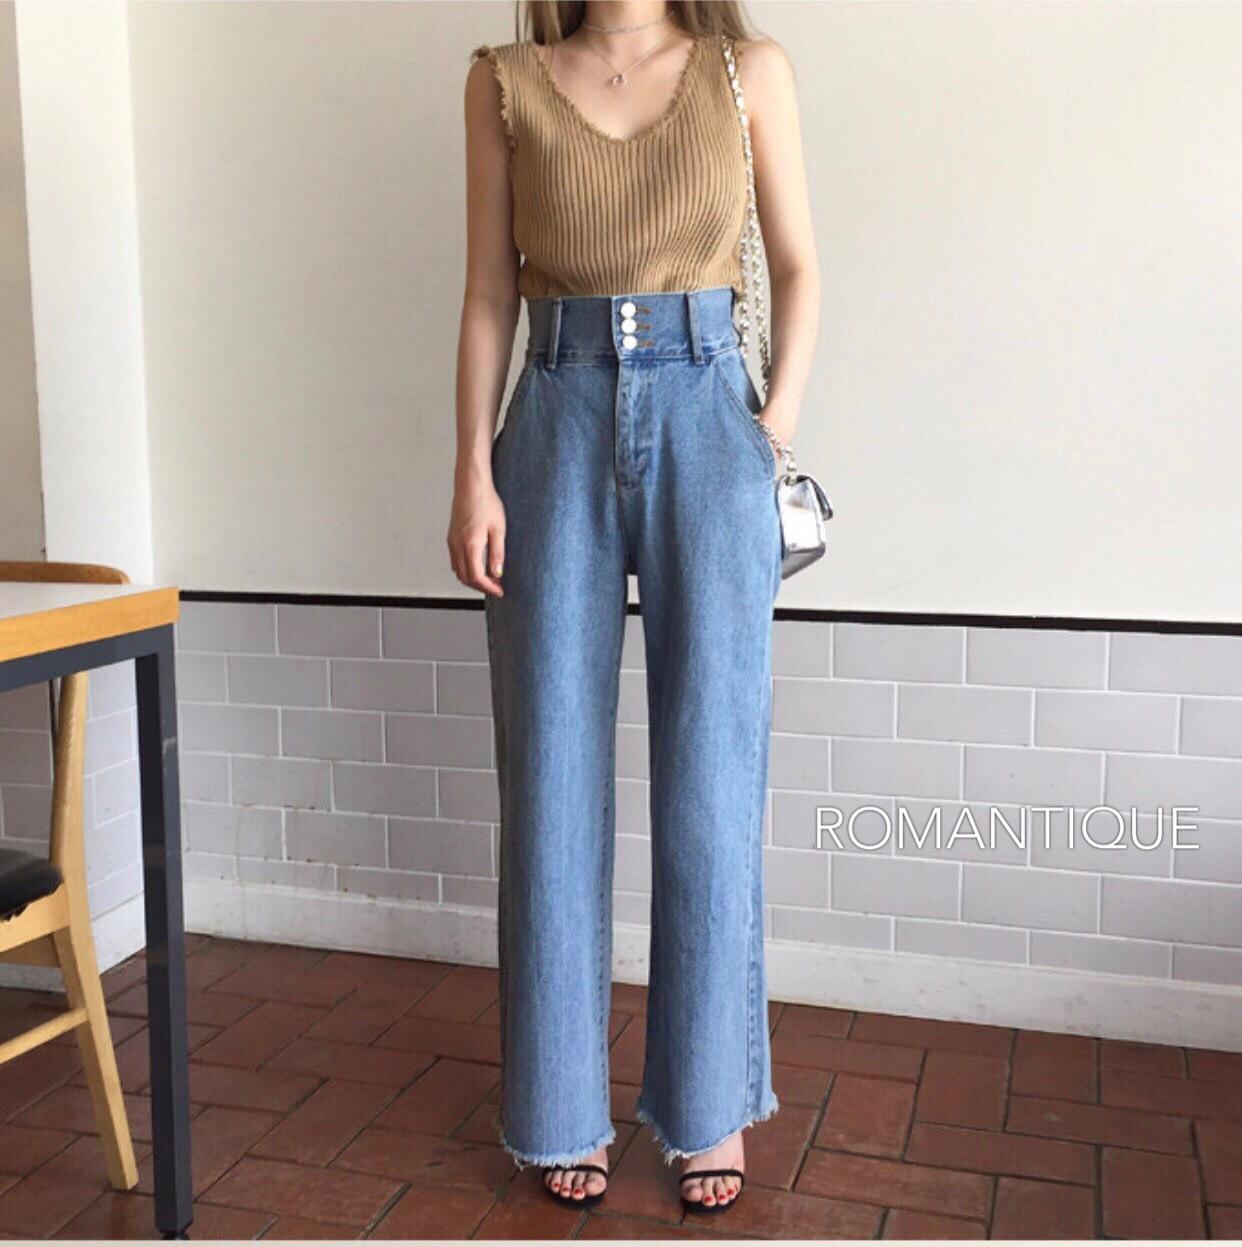 เสื้อผ้าเกาหลีพร้อมส่ง กางเกงยีนส์เอวสูงทรงวินเทจ